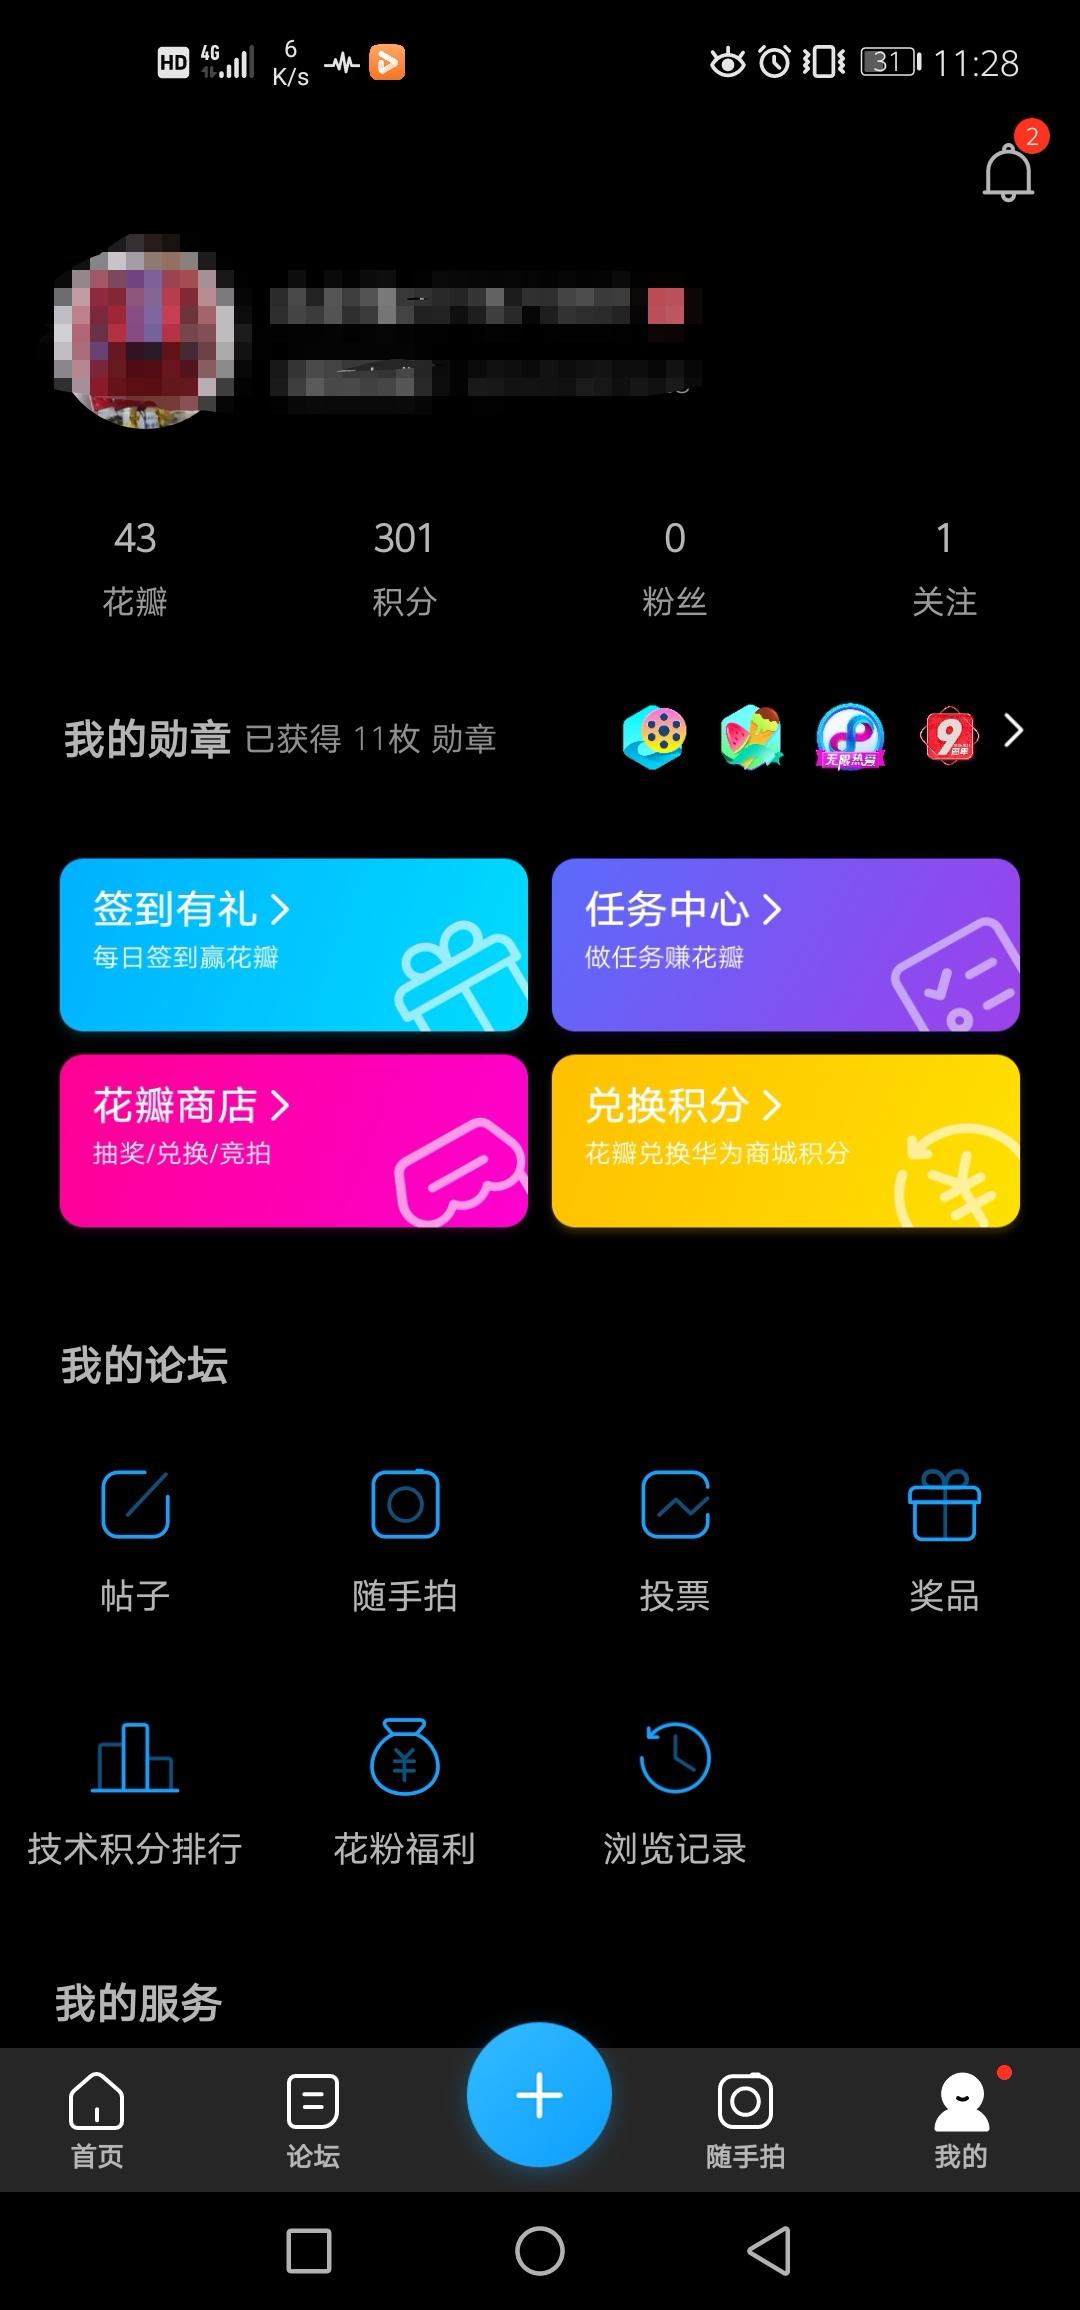 Screenshot_20210716_113102.jpg